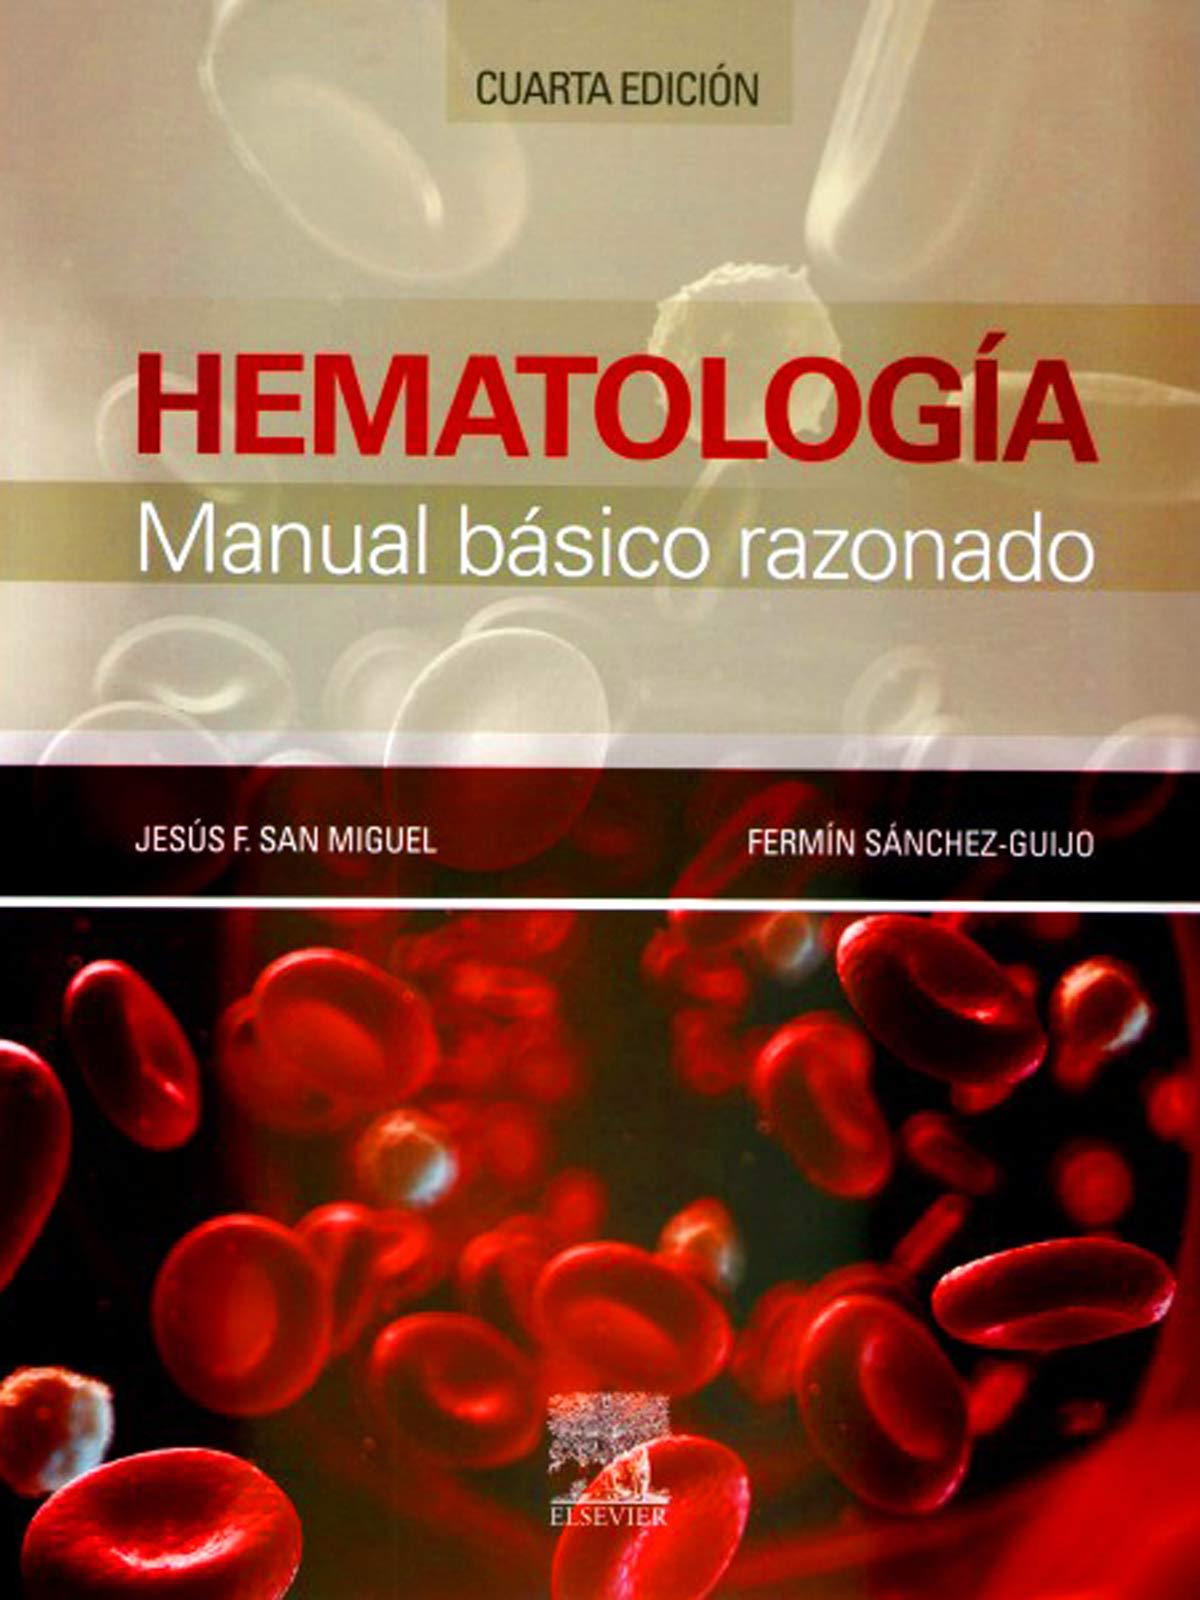 hematologia.jpg